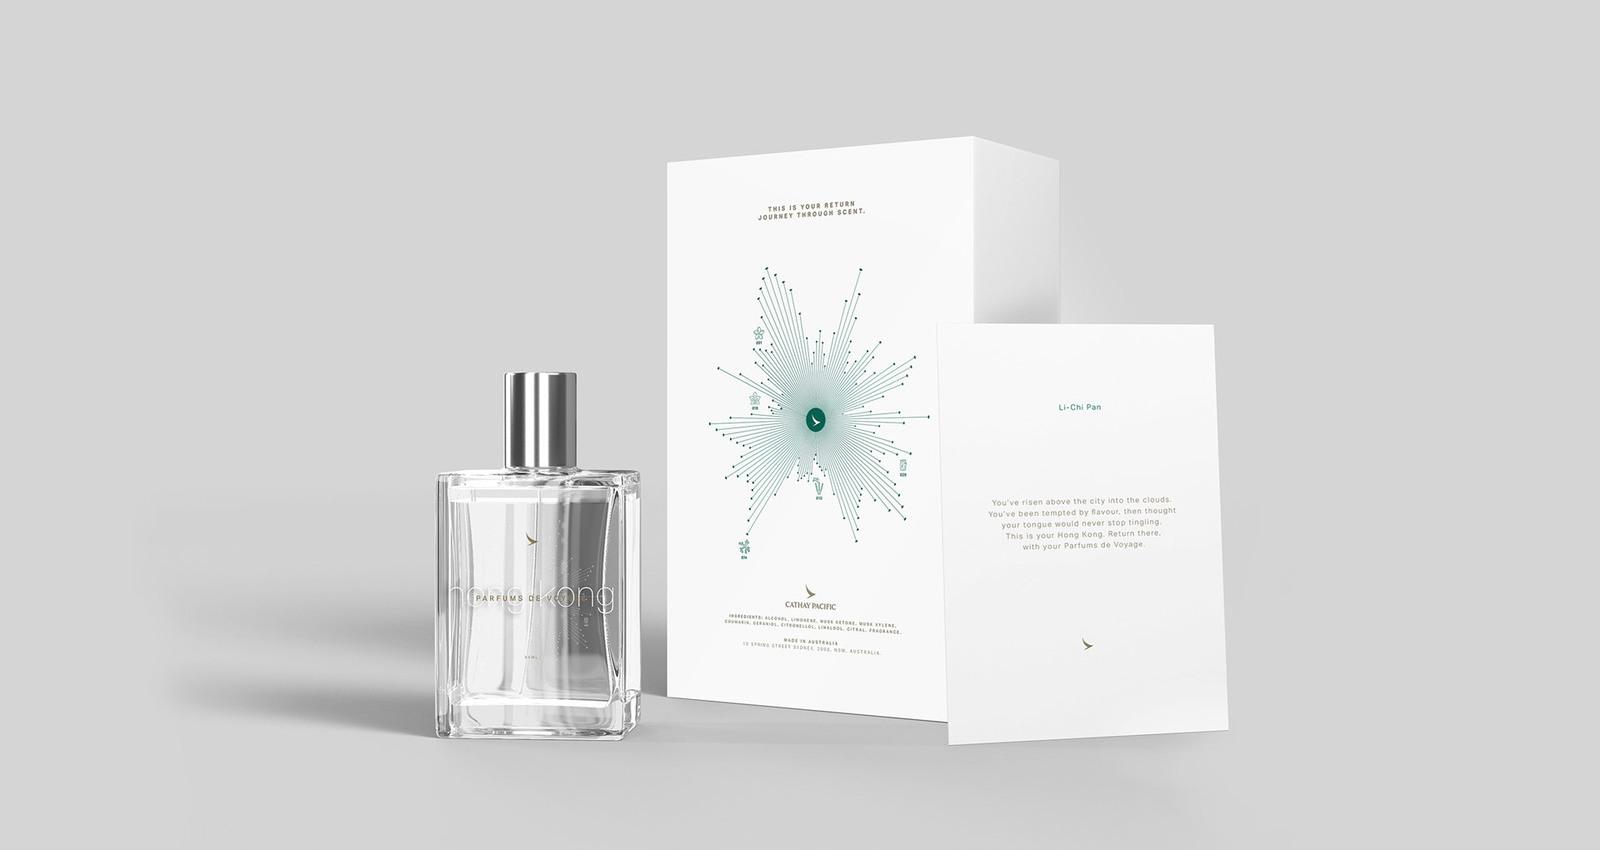 Parfums De Voyage - a return journey through scent